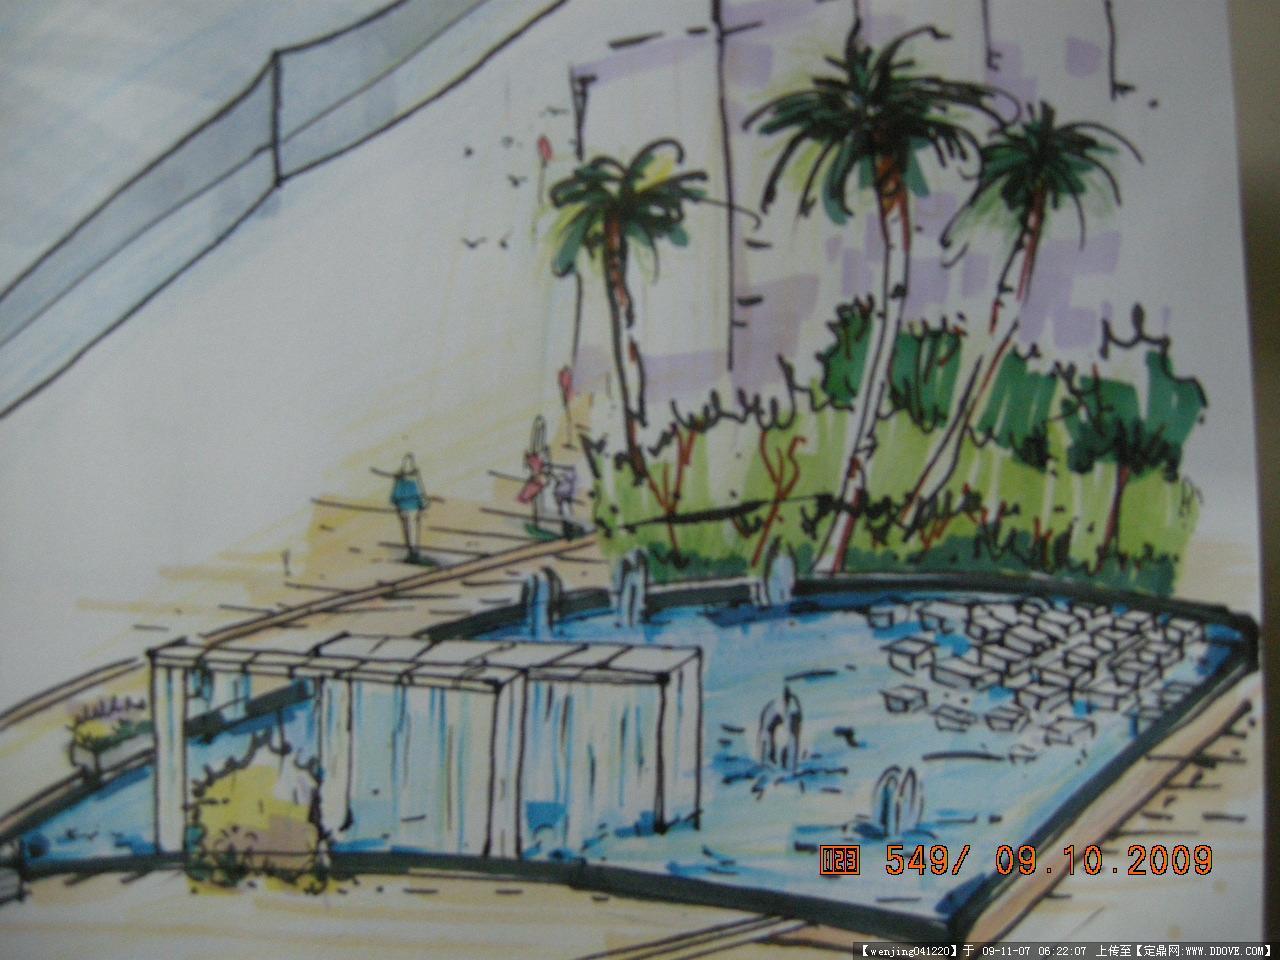 步行街手绘效果图的图片浏览,园林项目案例,商业街区